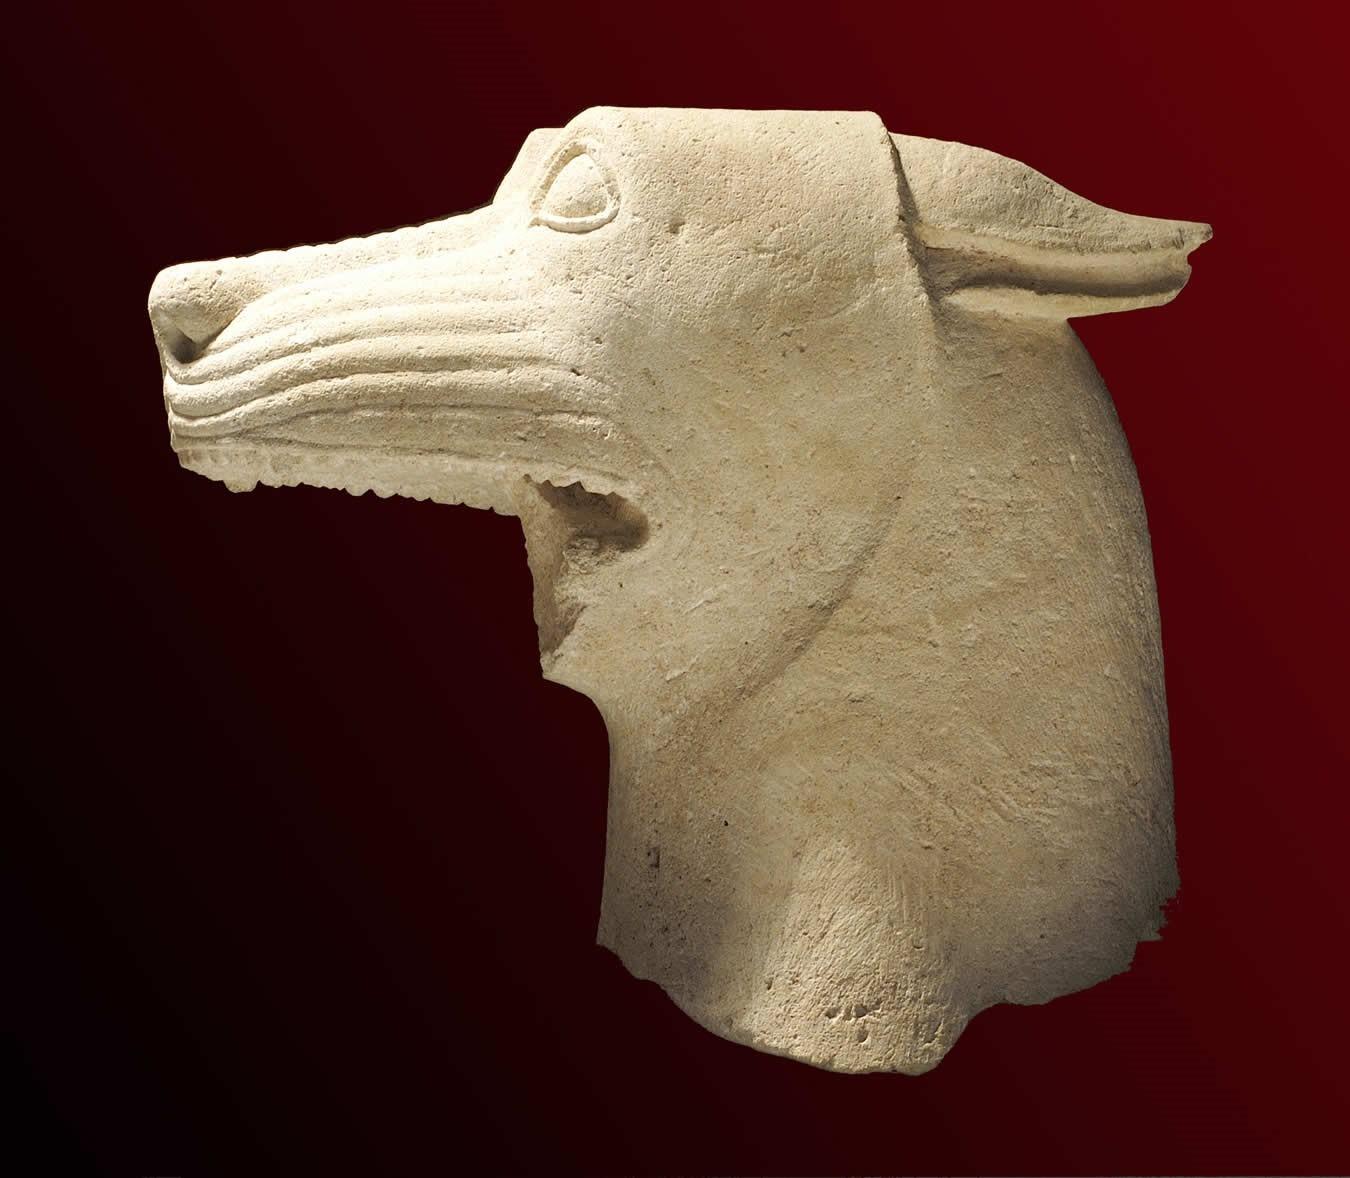 cabeza de lobo llamada de El Pajarillo en el museo arqueológico de Jaen